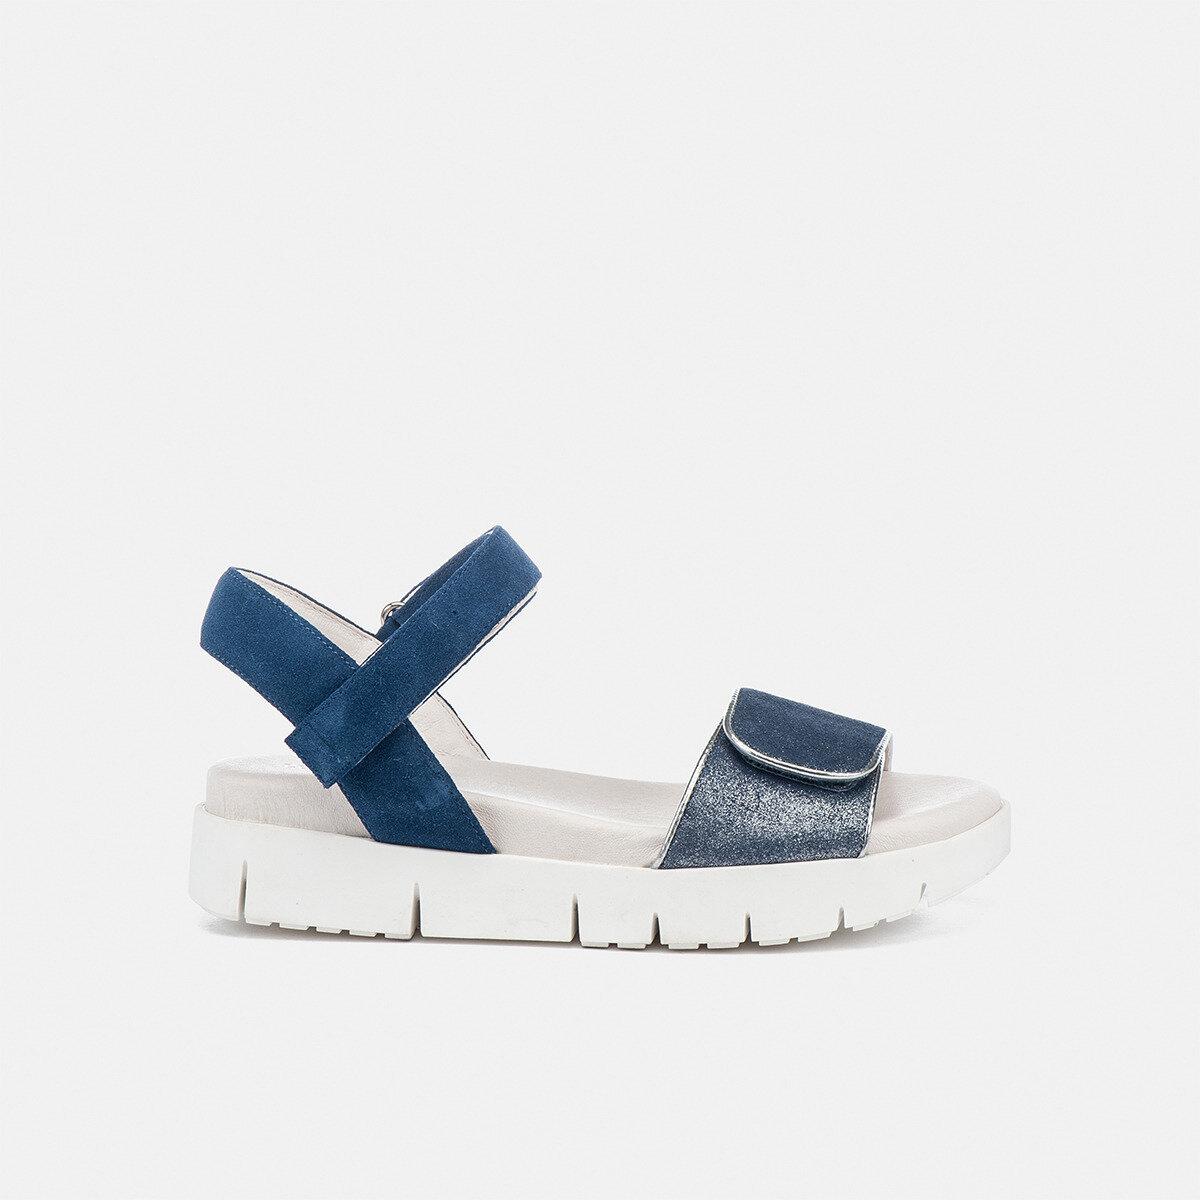 EVETTE JEANS/BLUE METAL Woman Sandals